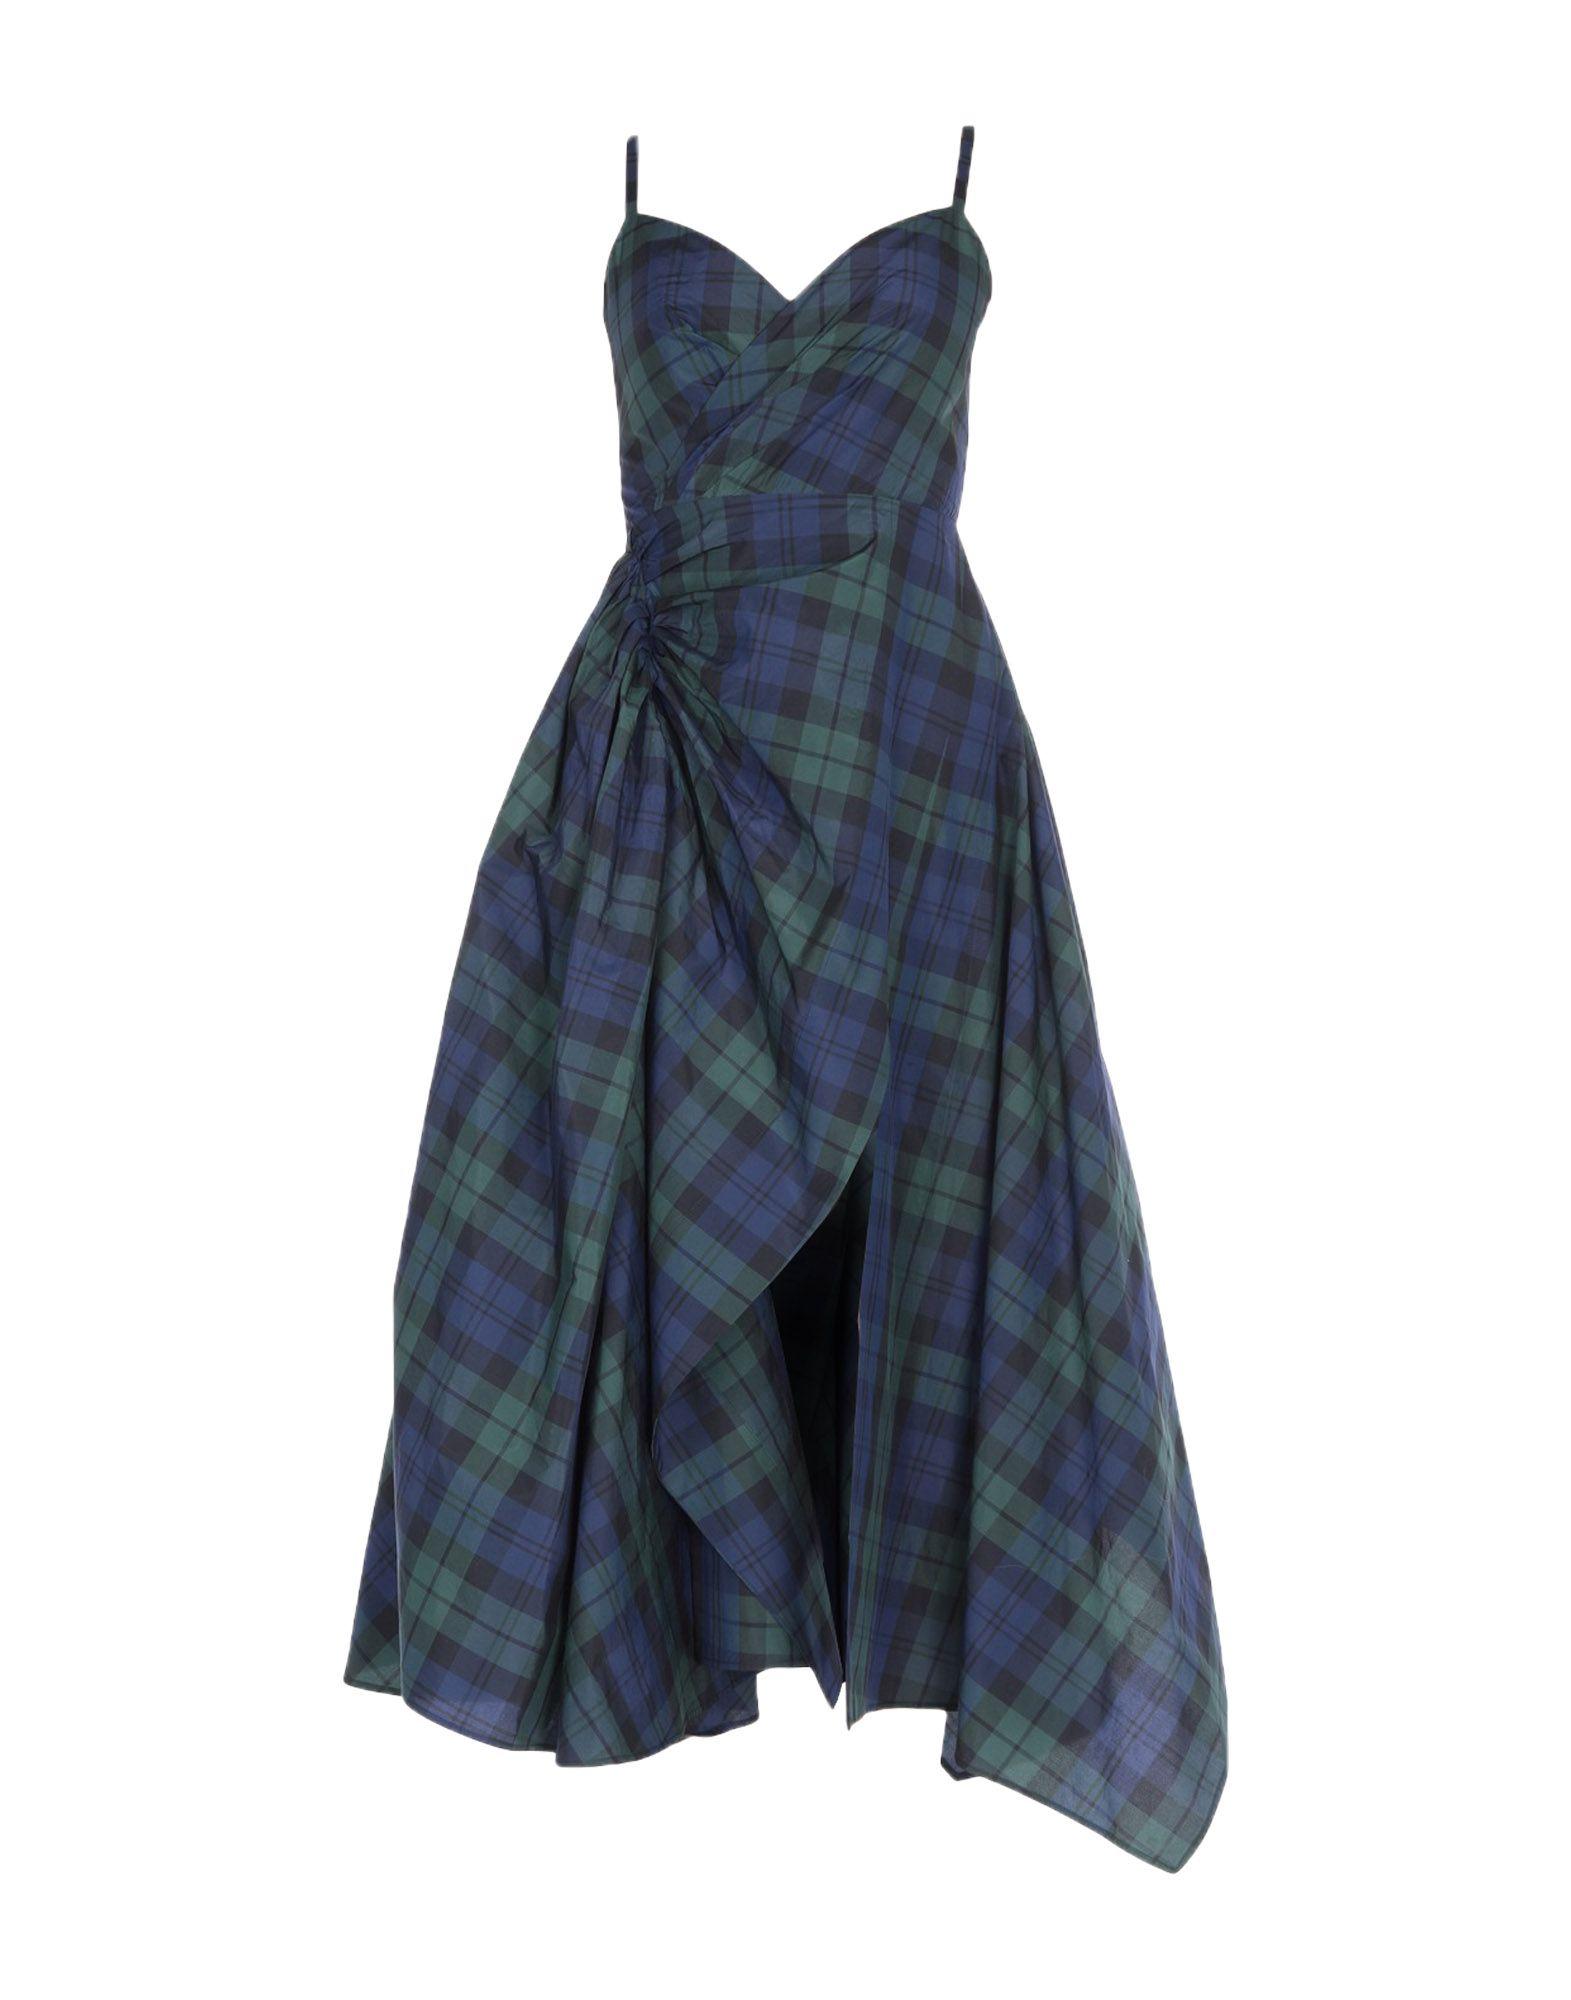 цена MICHAEL KORS COLLECTION Платье длиной 3/4 онлайн в 2017 году